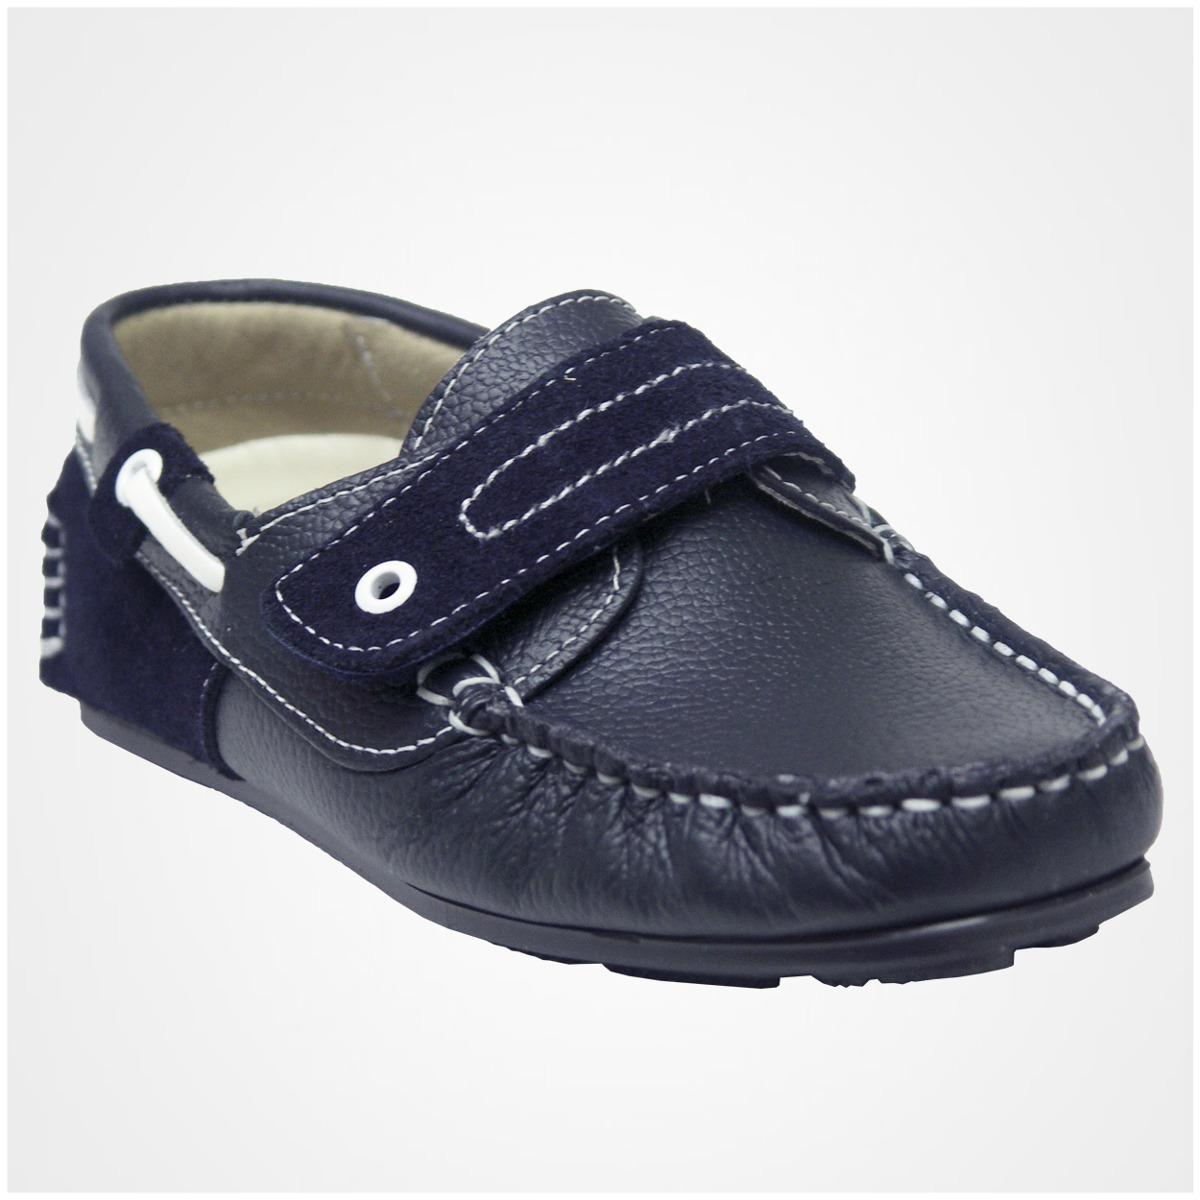 89222674460bf Zapato Mocasines Para Niño Mini Burbujas Piel Azul Marino -   629.00 en Mercado  Libre